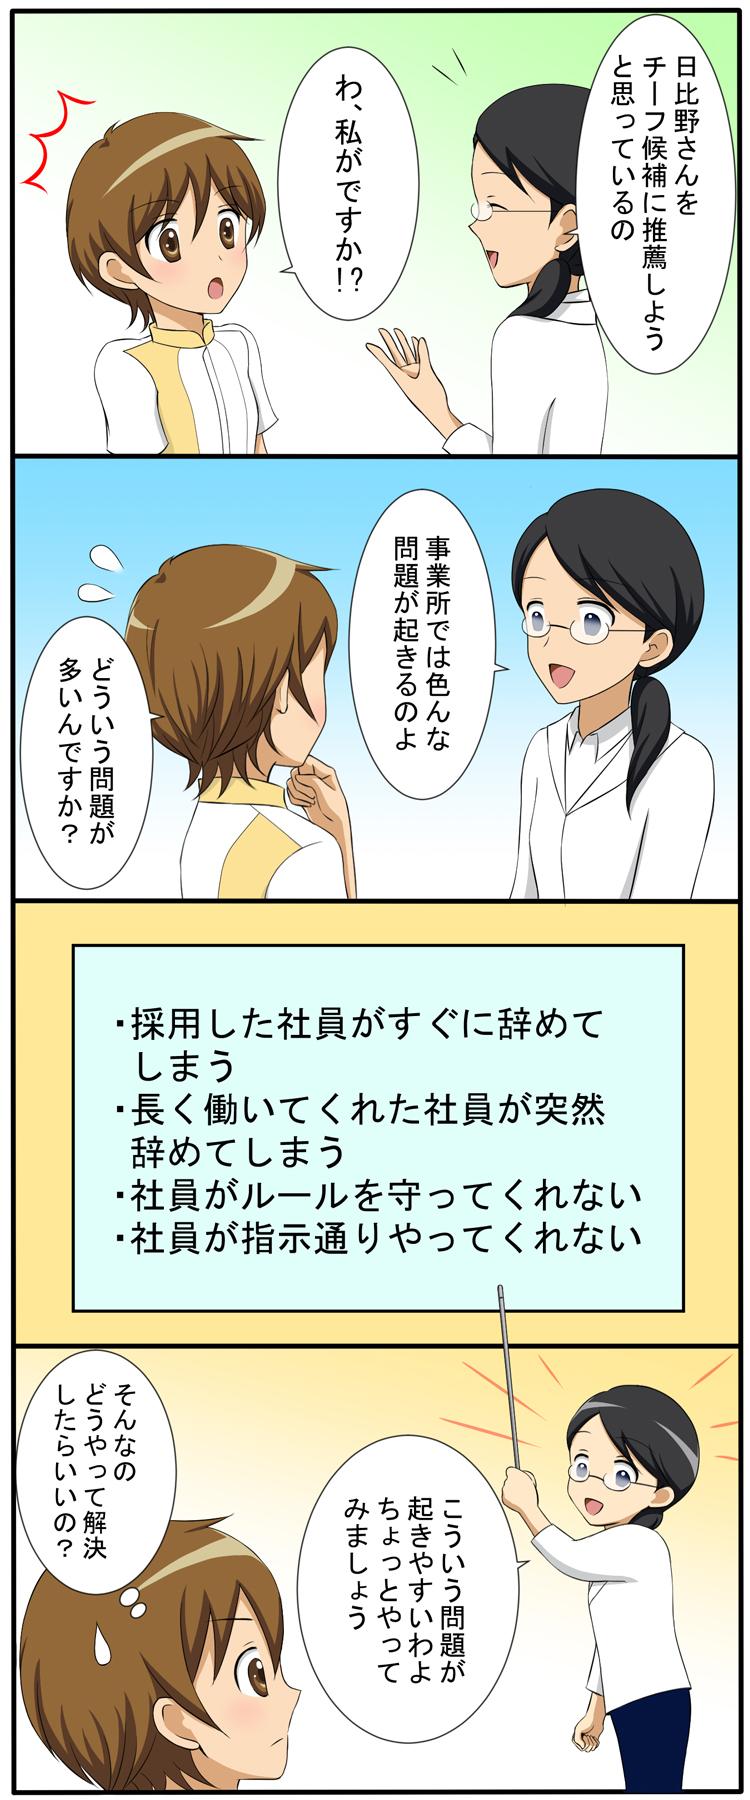 第1話「チーフ候補に!」